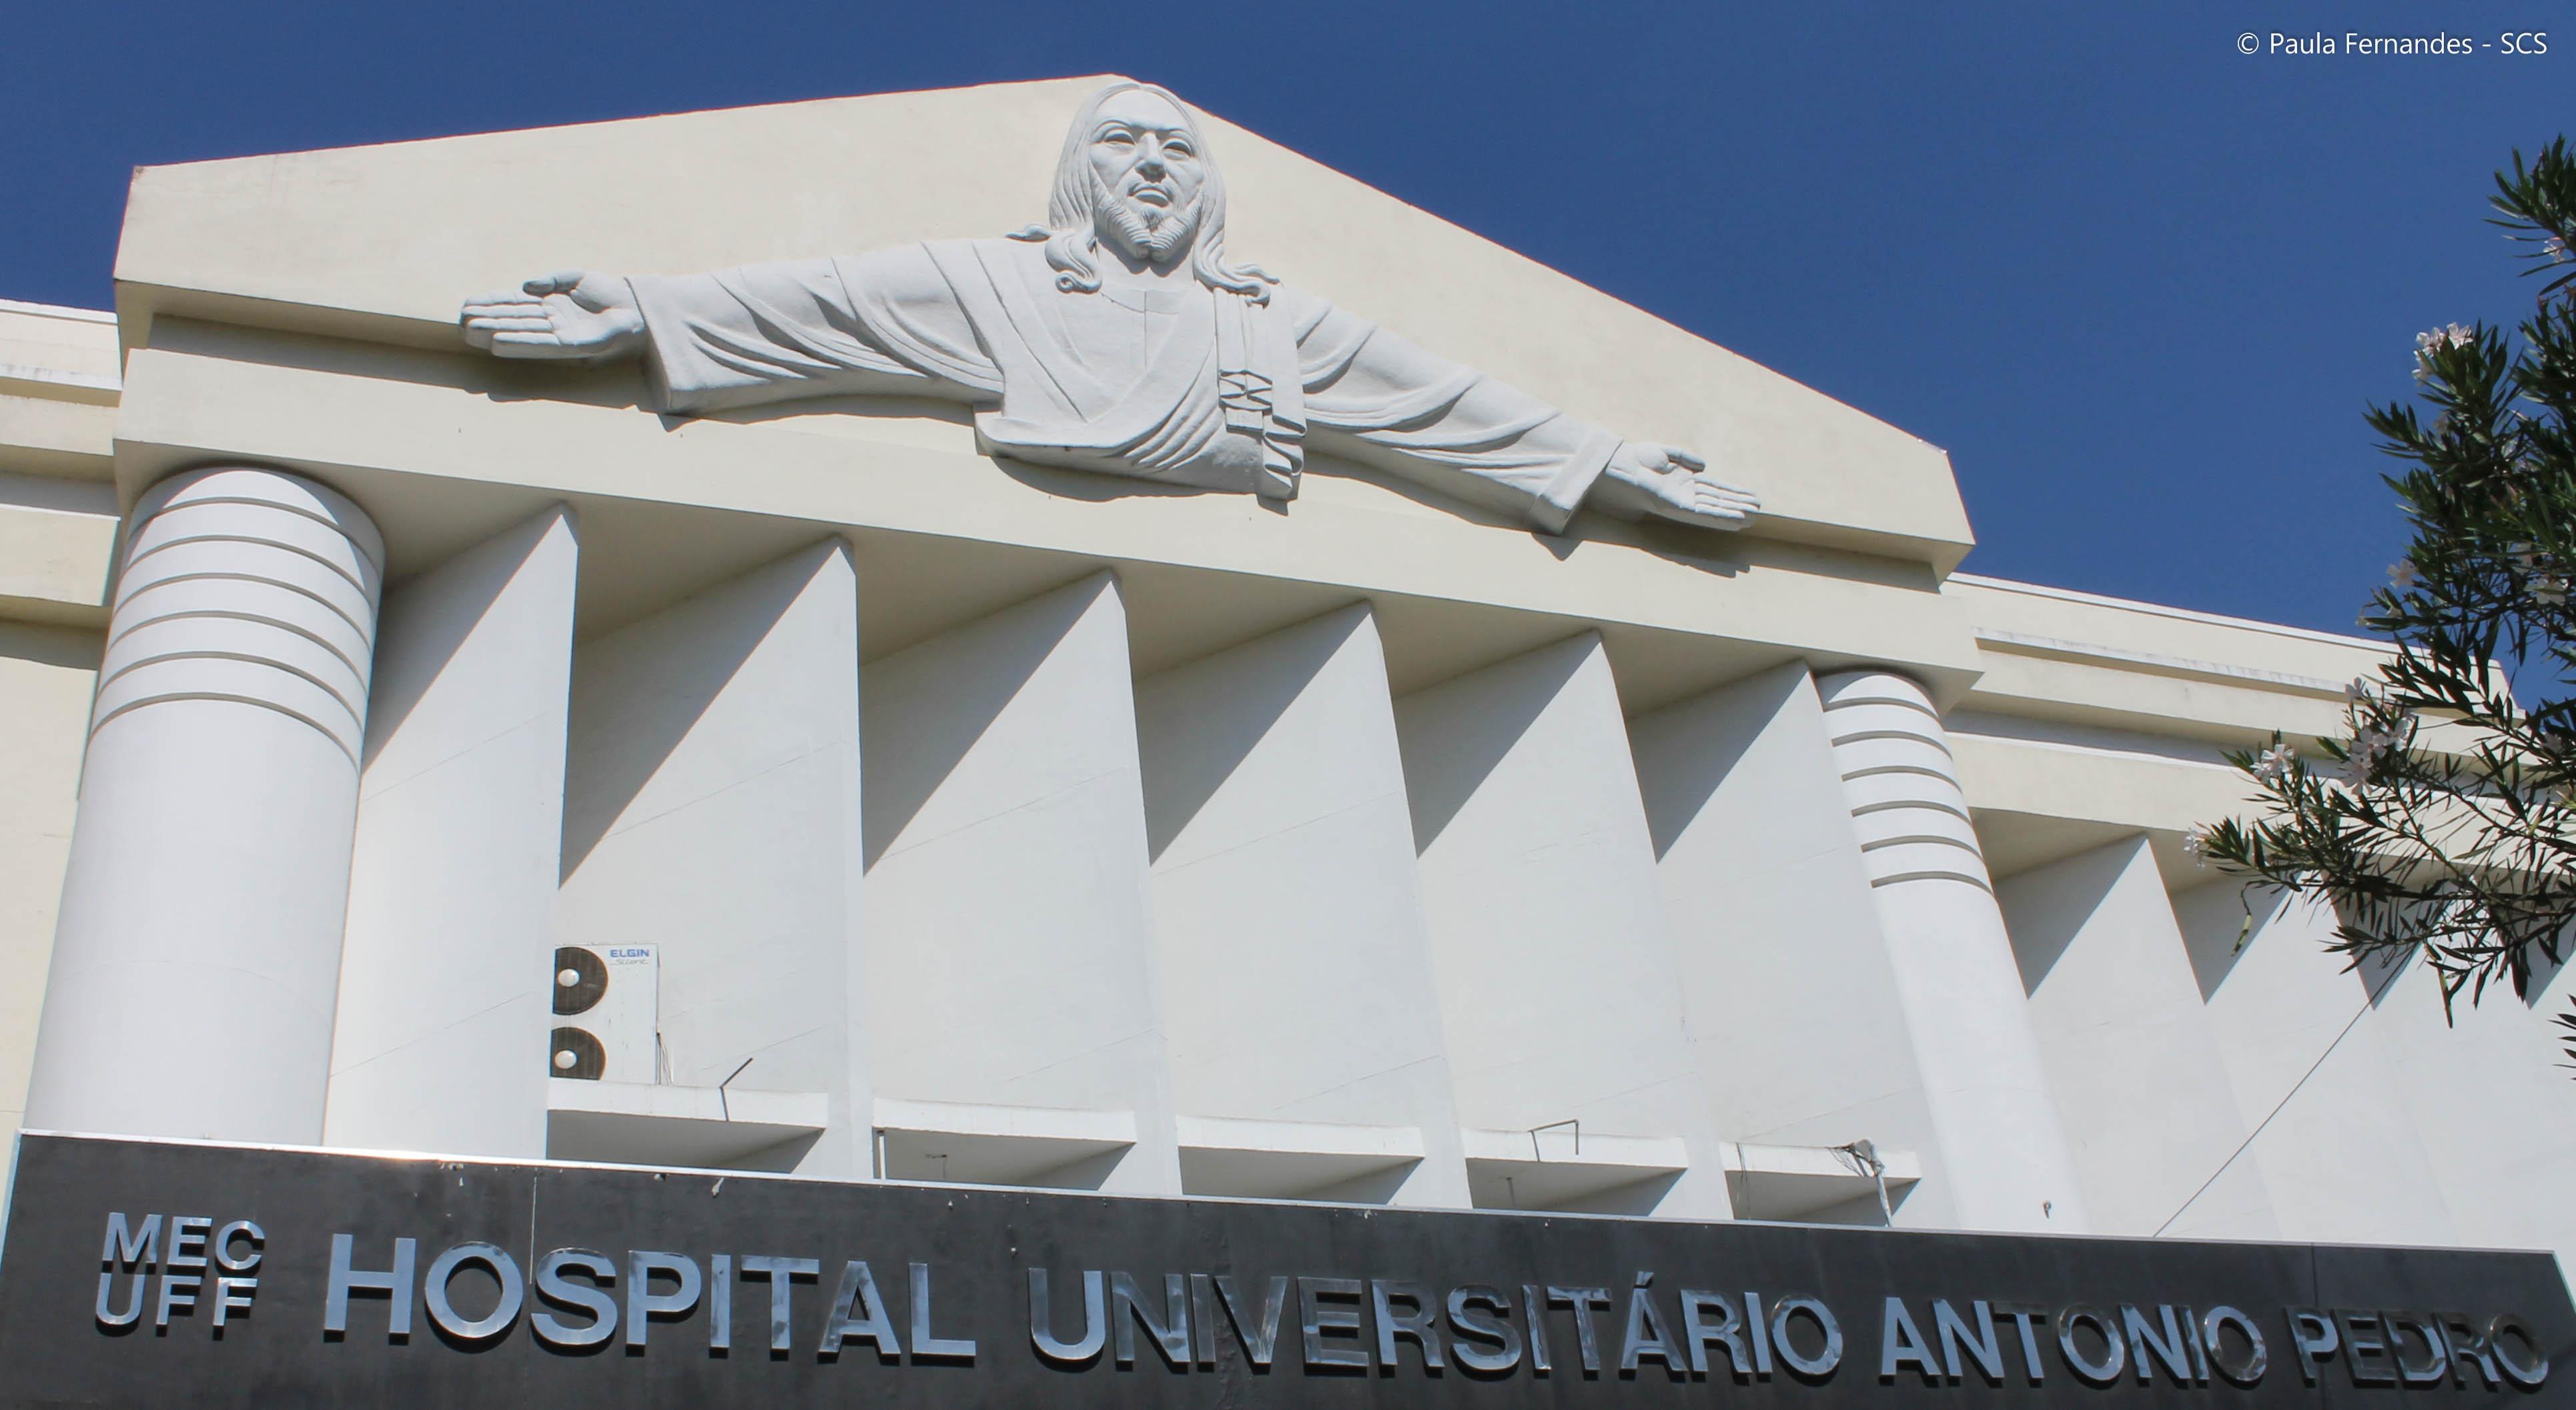 inscrições do concurso para HU da Universidade Federal Fluminense